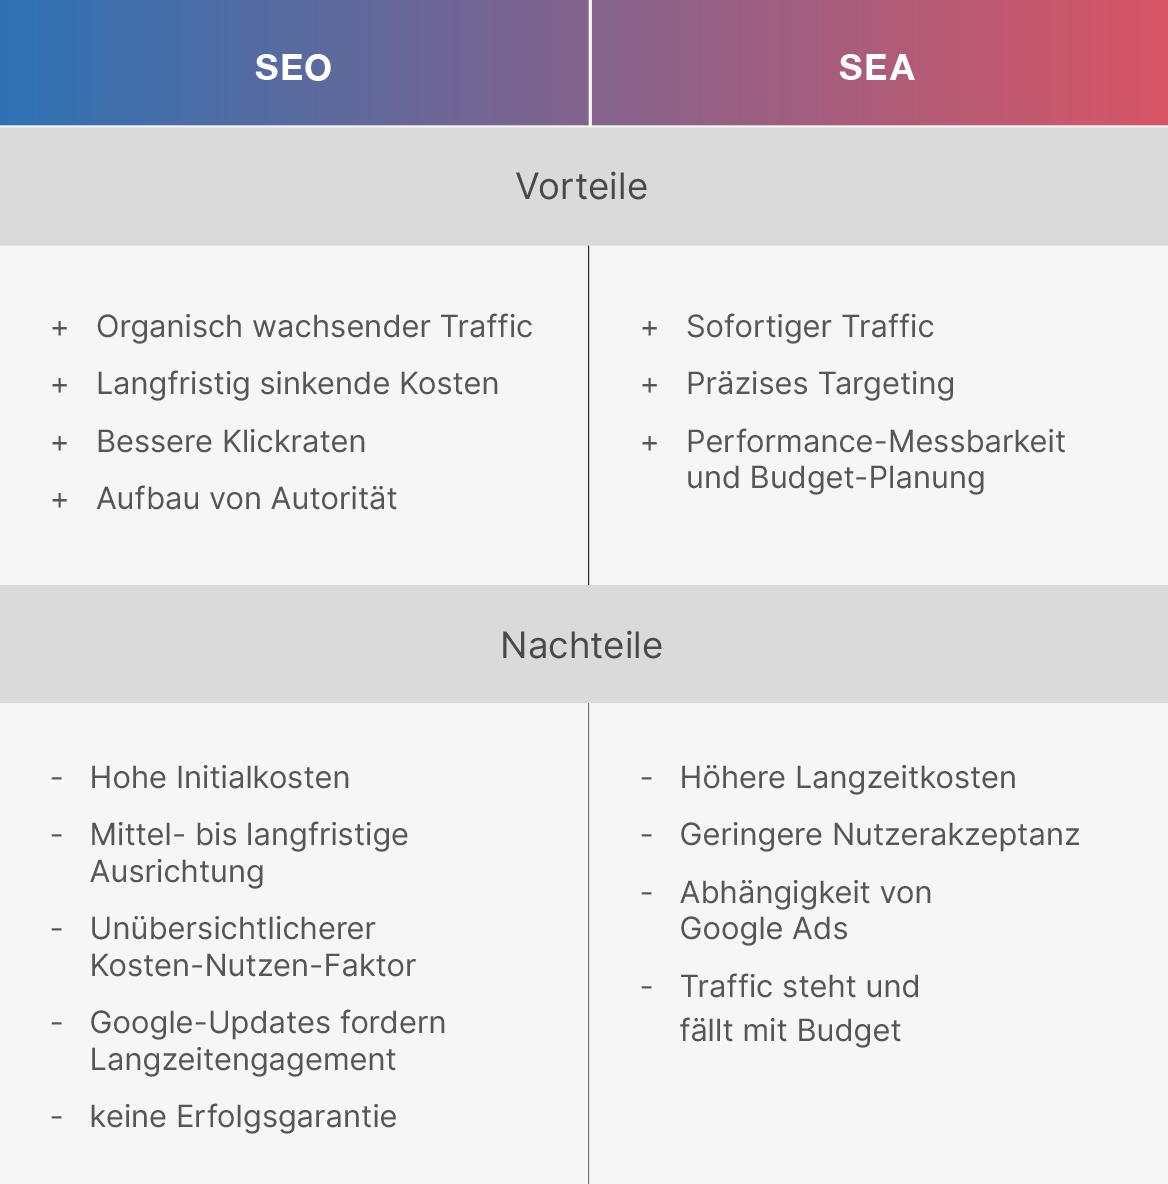 Die Vorteile von SEO und SEA